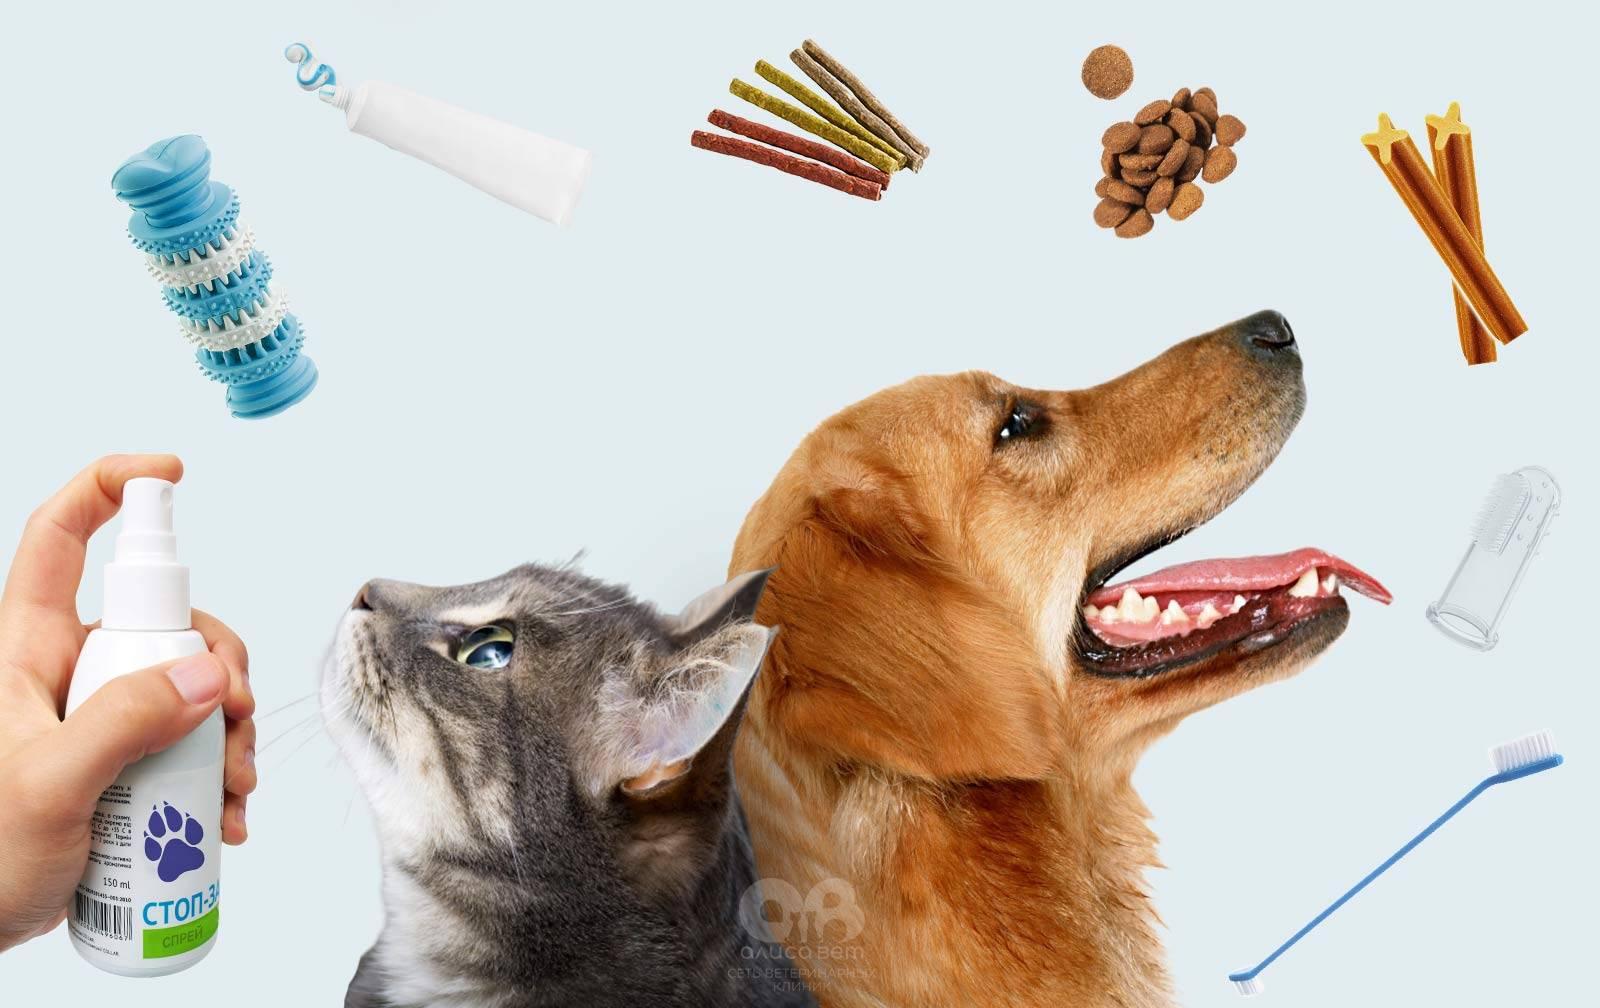 Есть ли лакомства для чистки зубов для кошек? | мир кошек какие лакомства выбрать для чистки зубов у кошки? | мир кошек